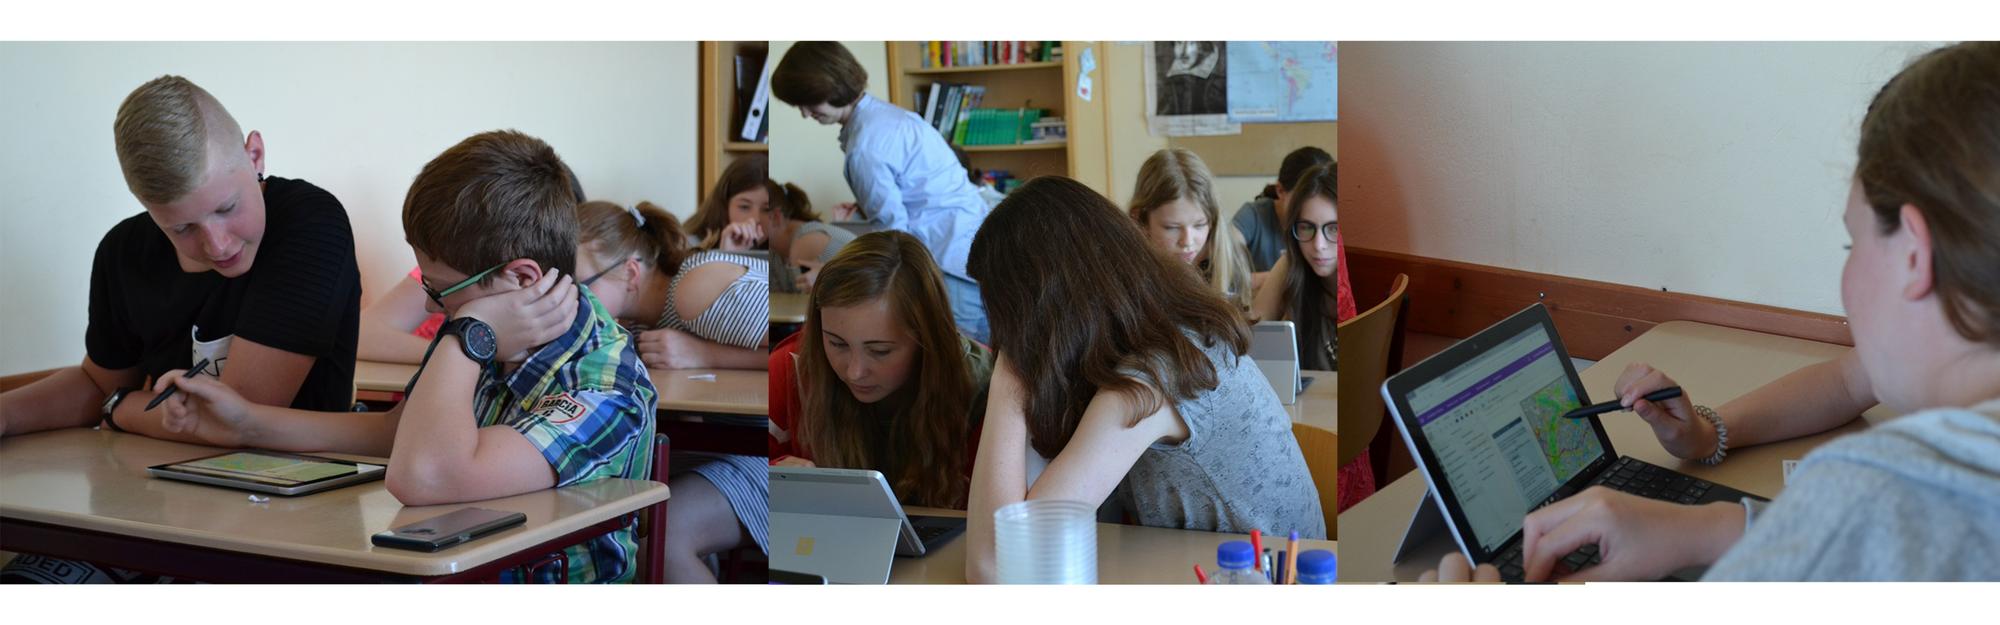 Die Bilder zeigen Lernende, die im Klassenzimmer auf dem Surface Go arbeiten.